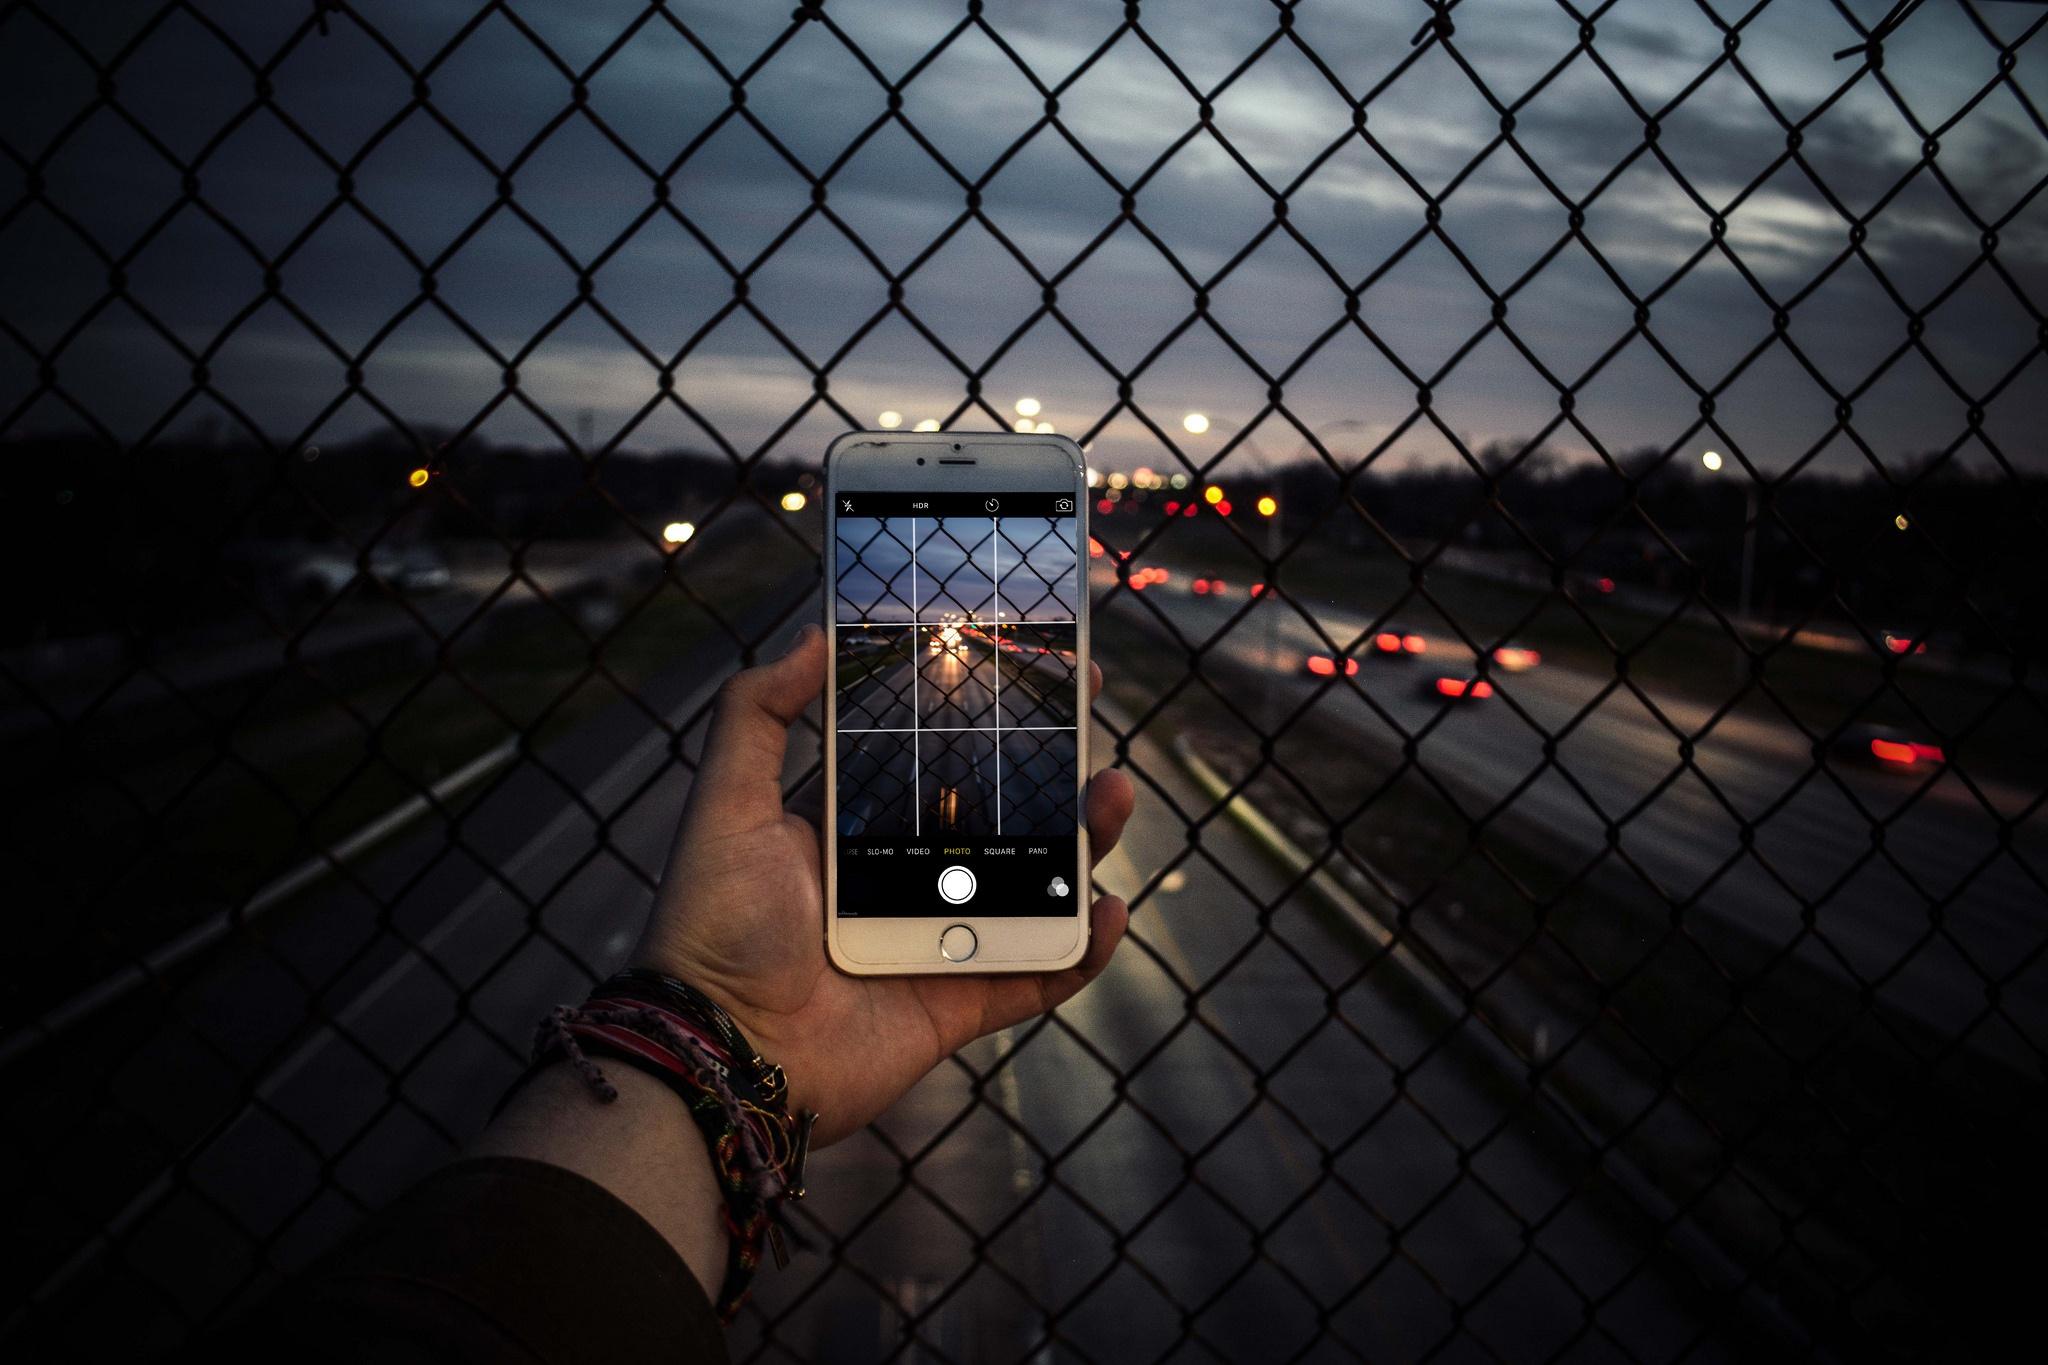 прикуса может как сделать крутые фото на айфон материал, очень